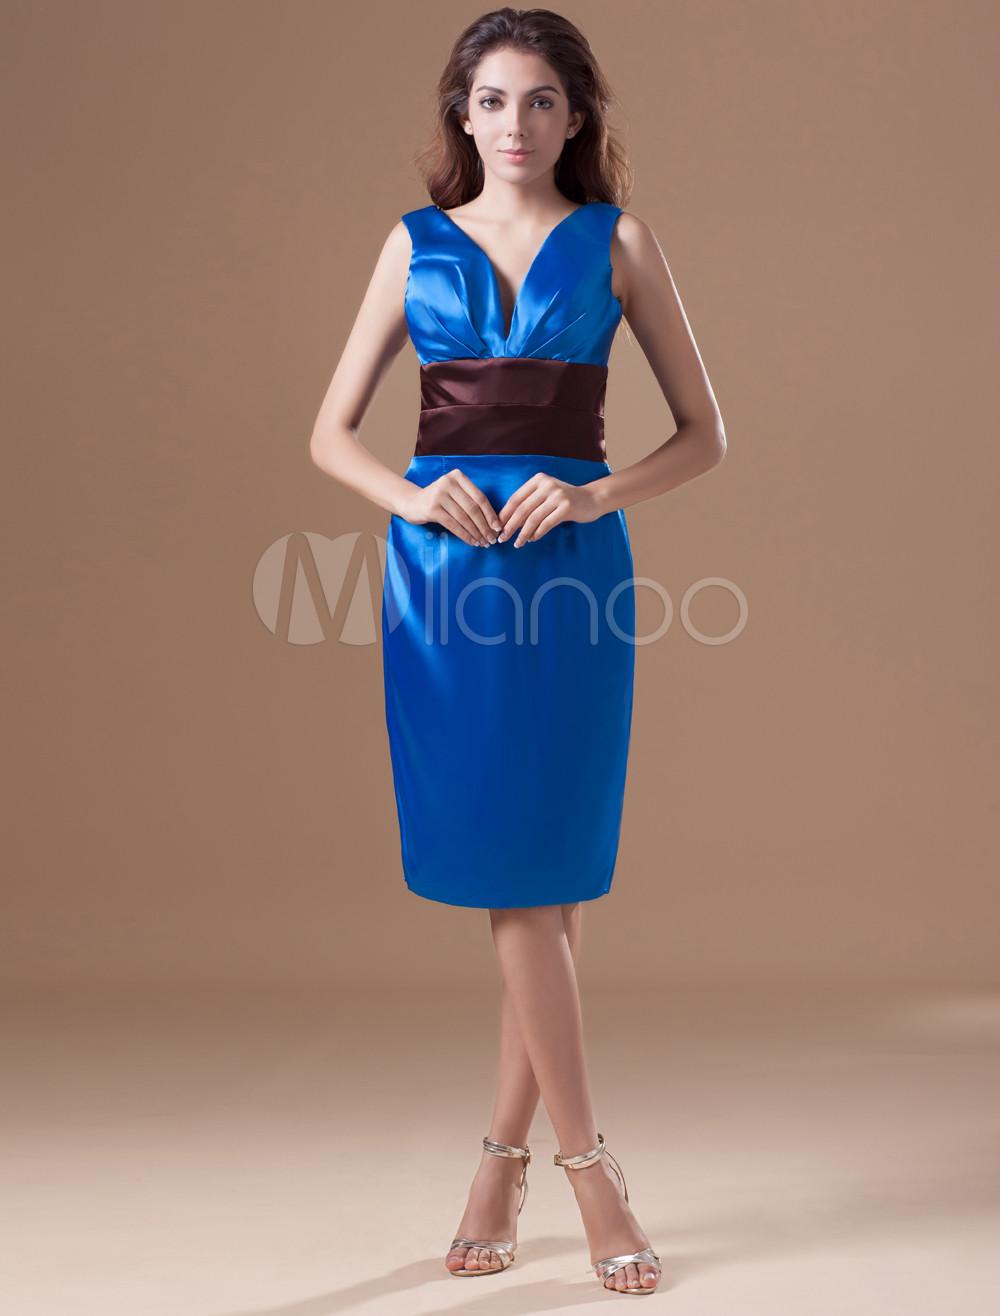 robe de soire boule bleu royal en satin hors de lpaule longueur genou milanoocom - Milanoo Robe De Soiree Pour Mariage